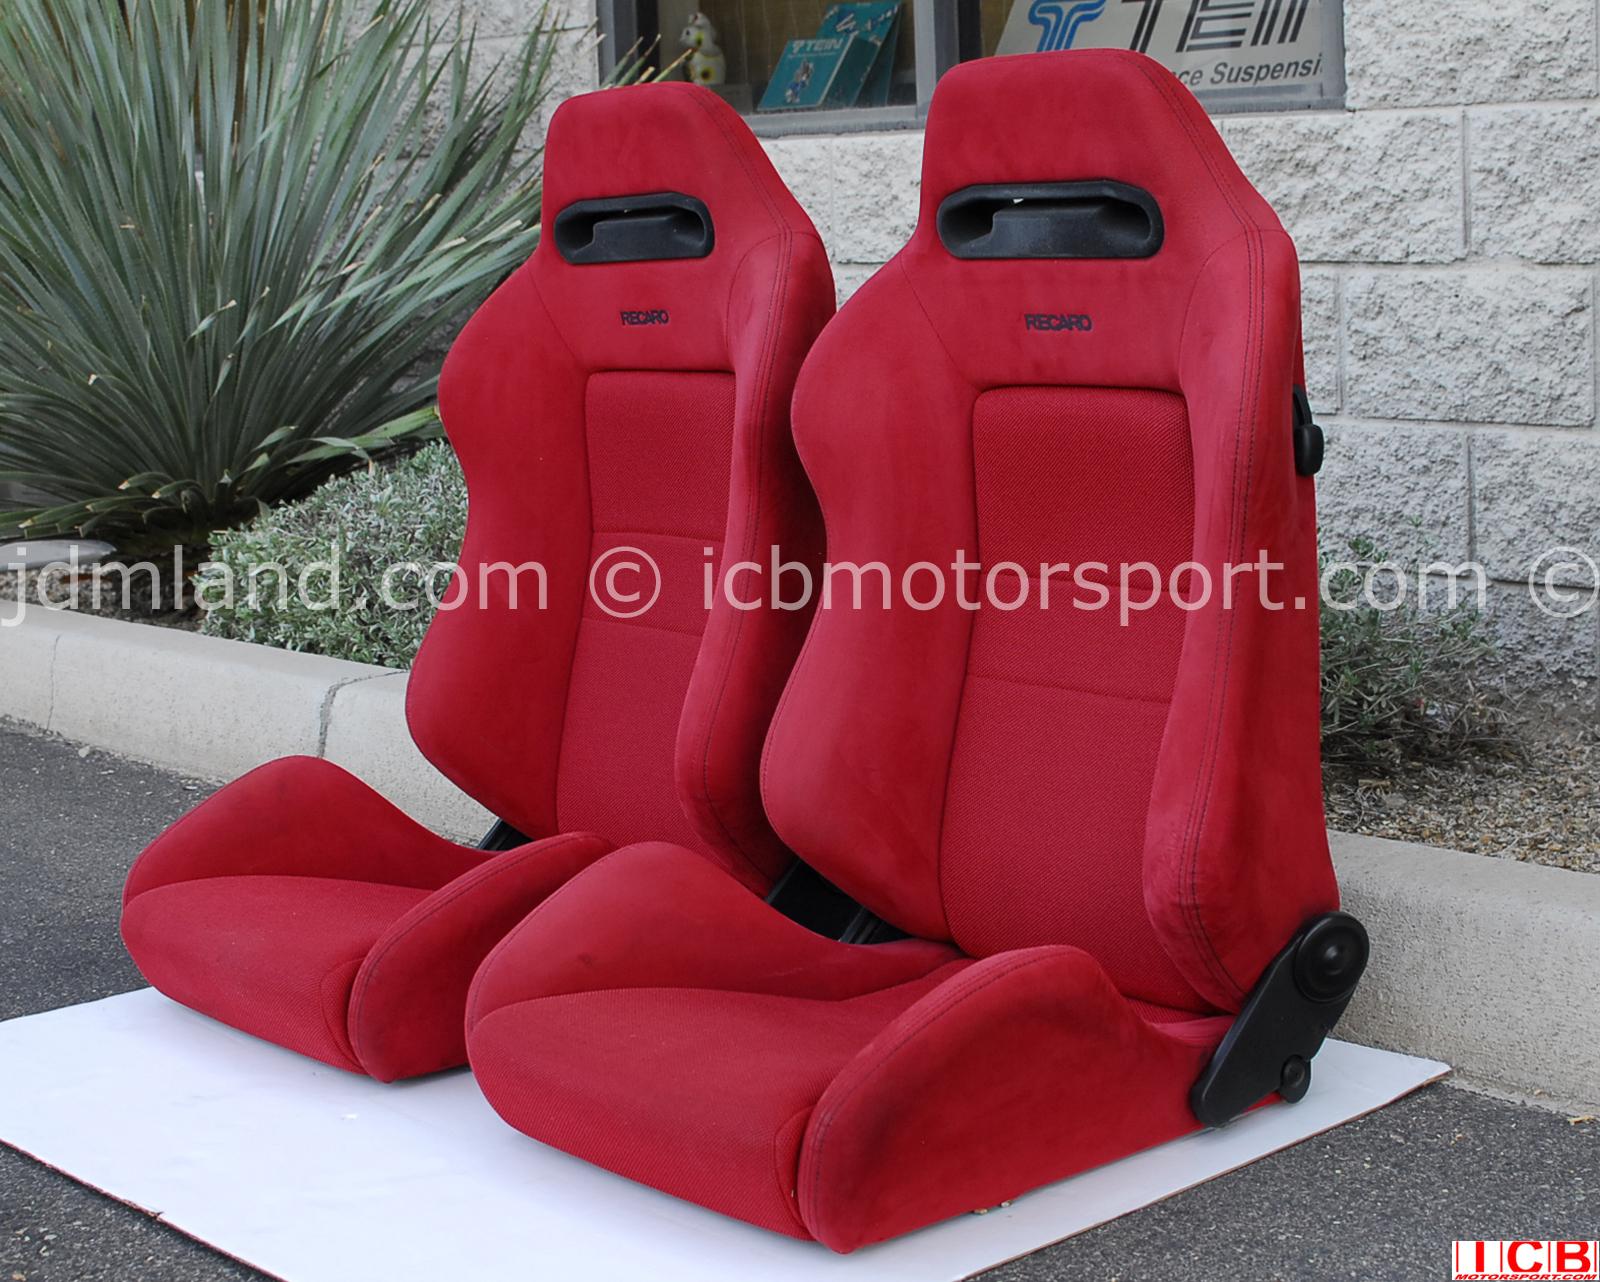 honda ek civic type  red recaro seats sold